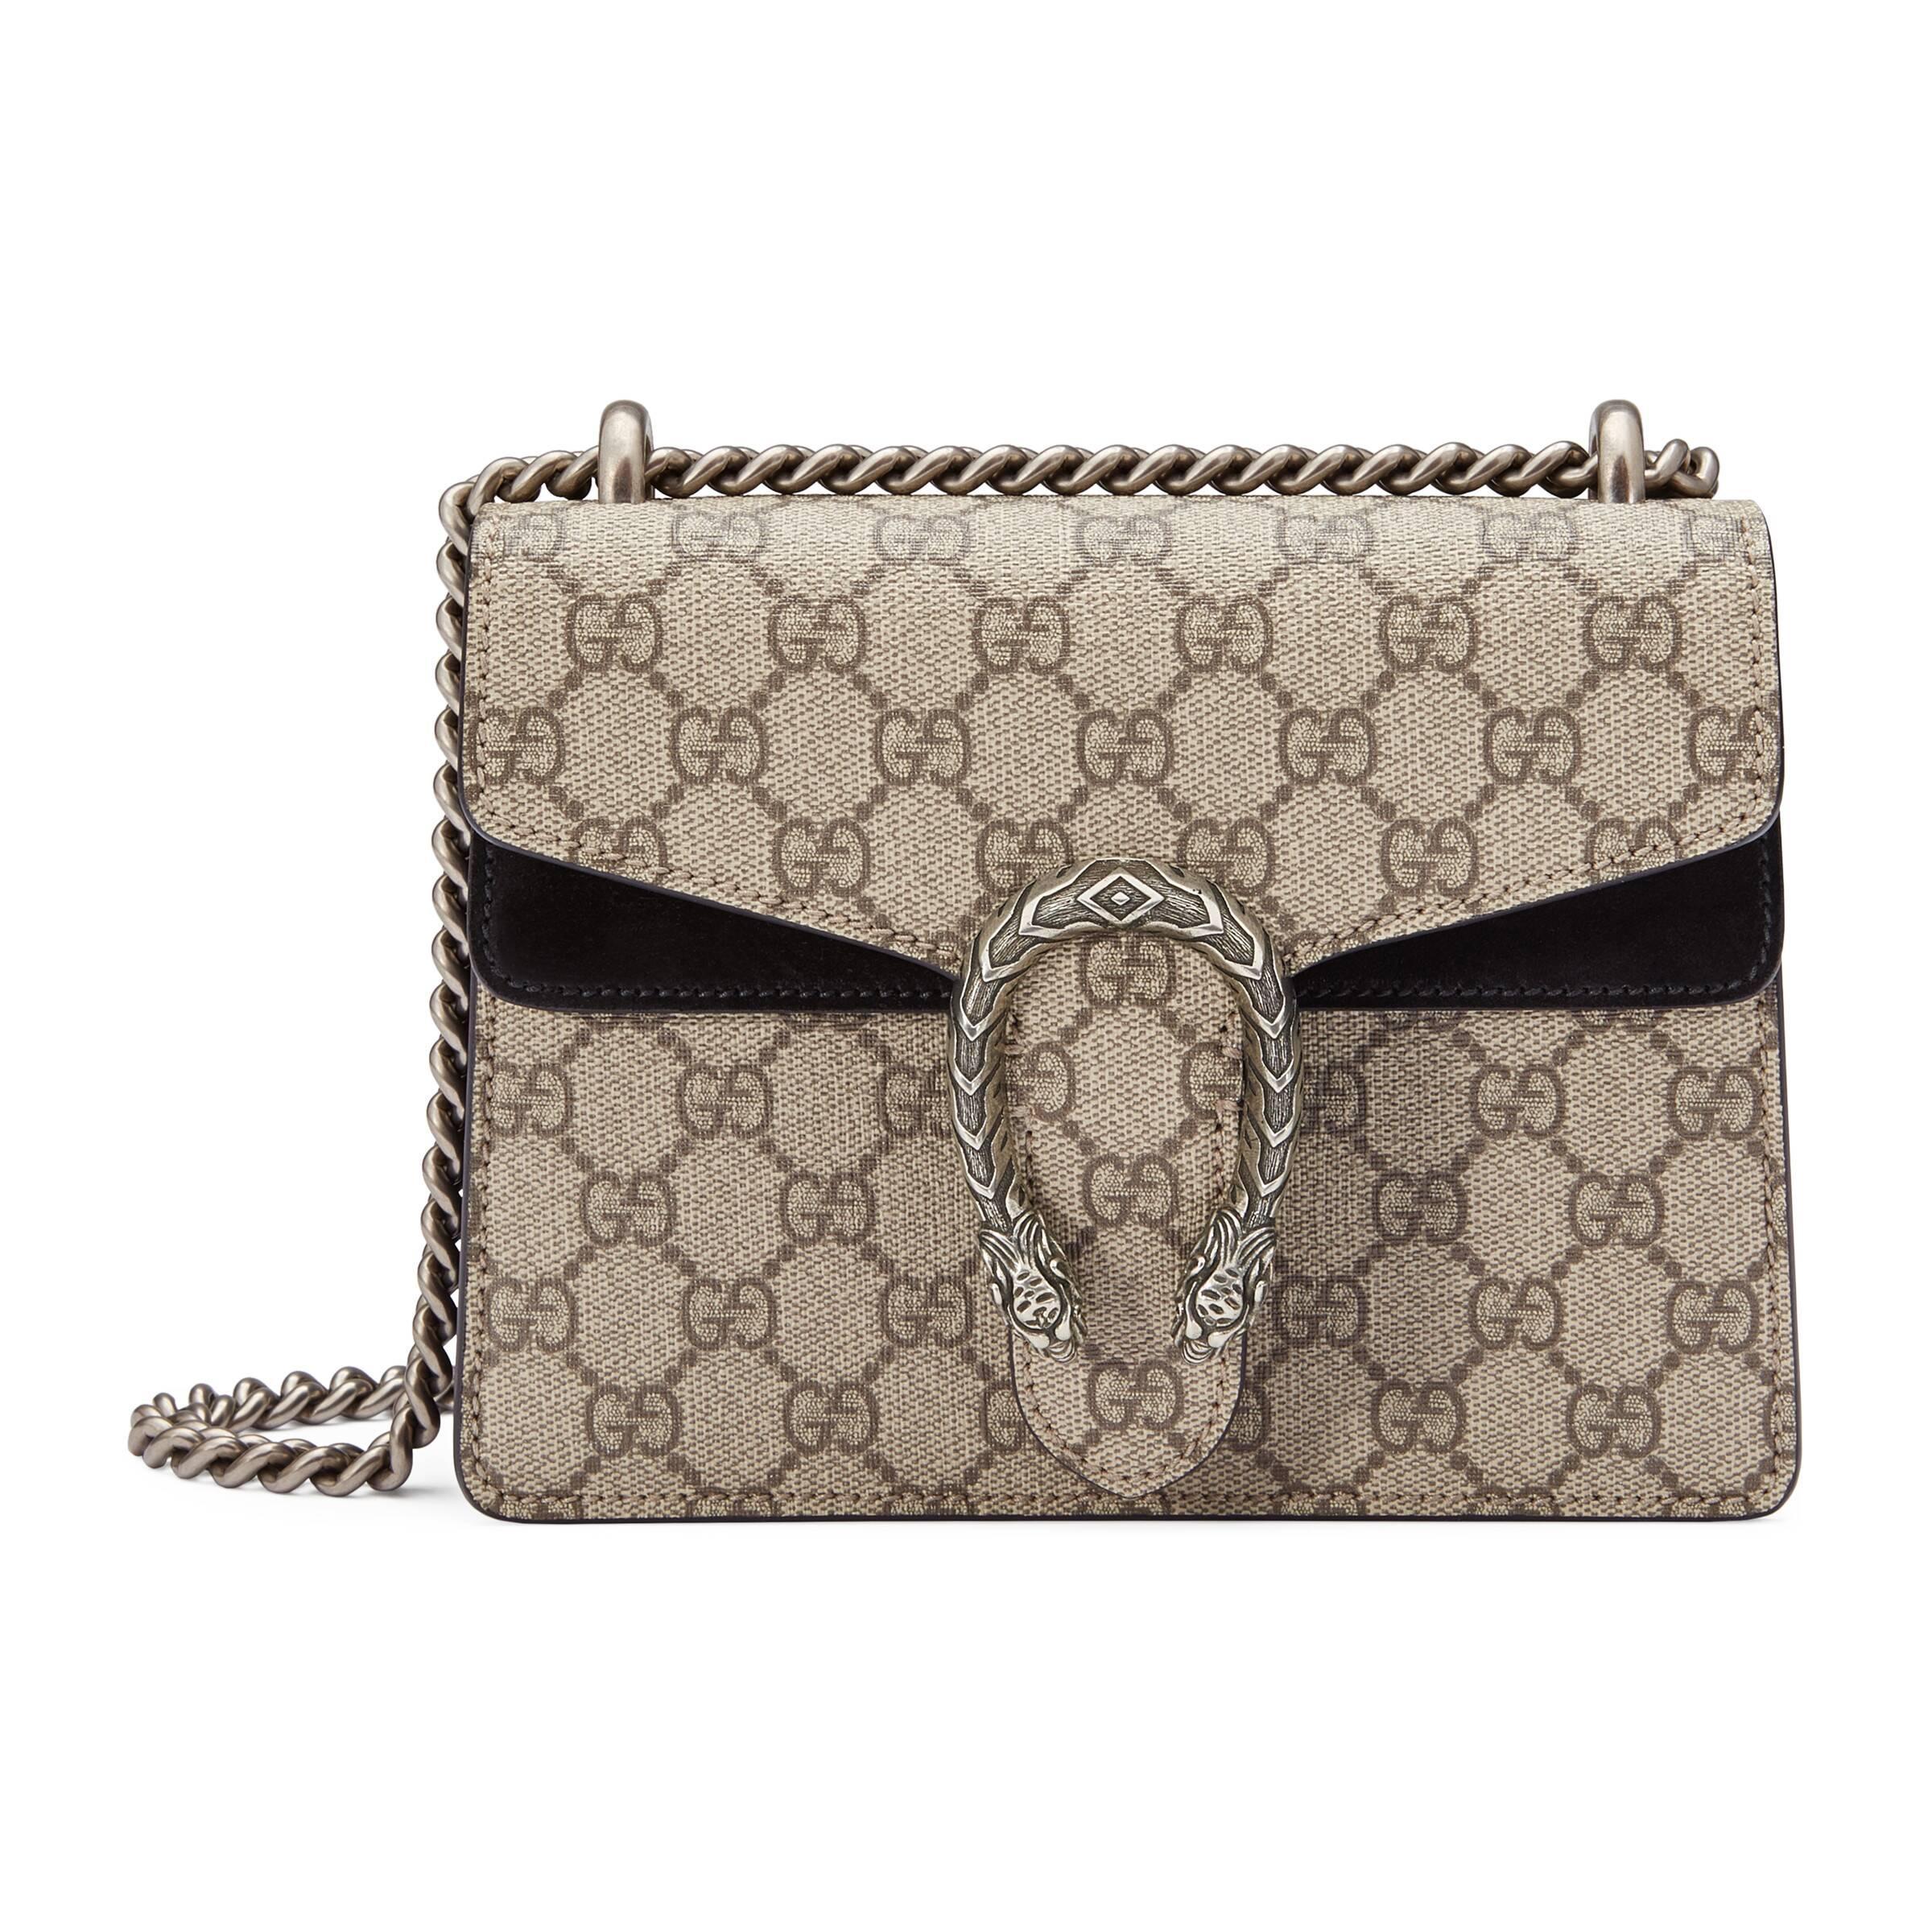 97275846bf882 Gucci Dionysus Mini-Tasche aus GG Supreme in Braun - Lyst